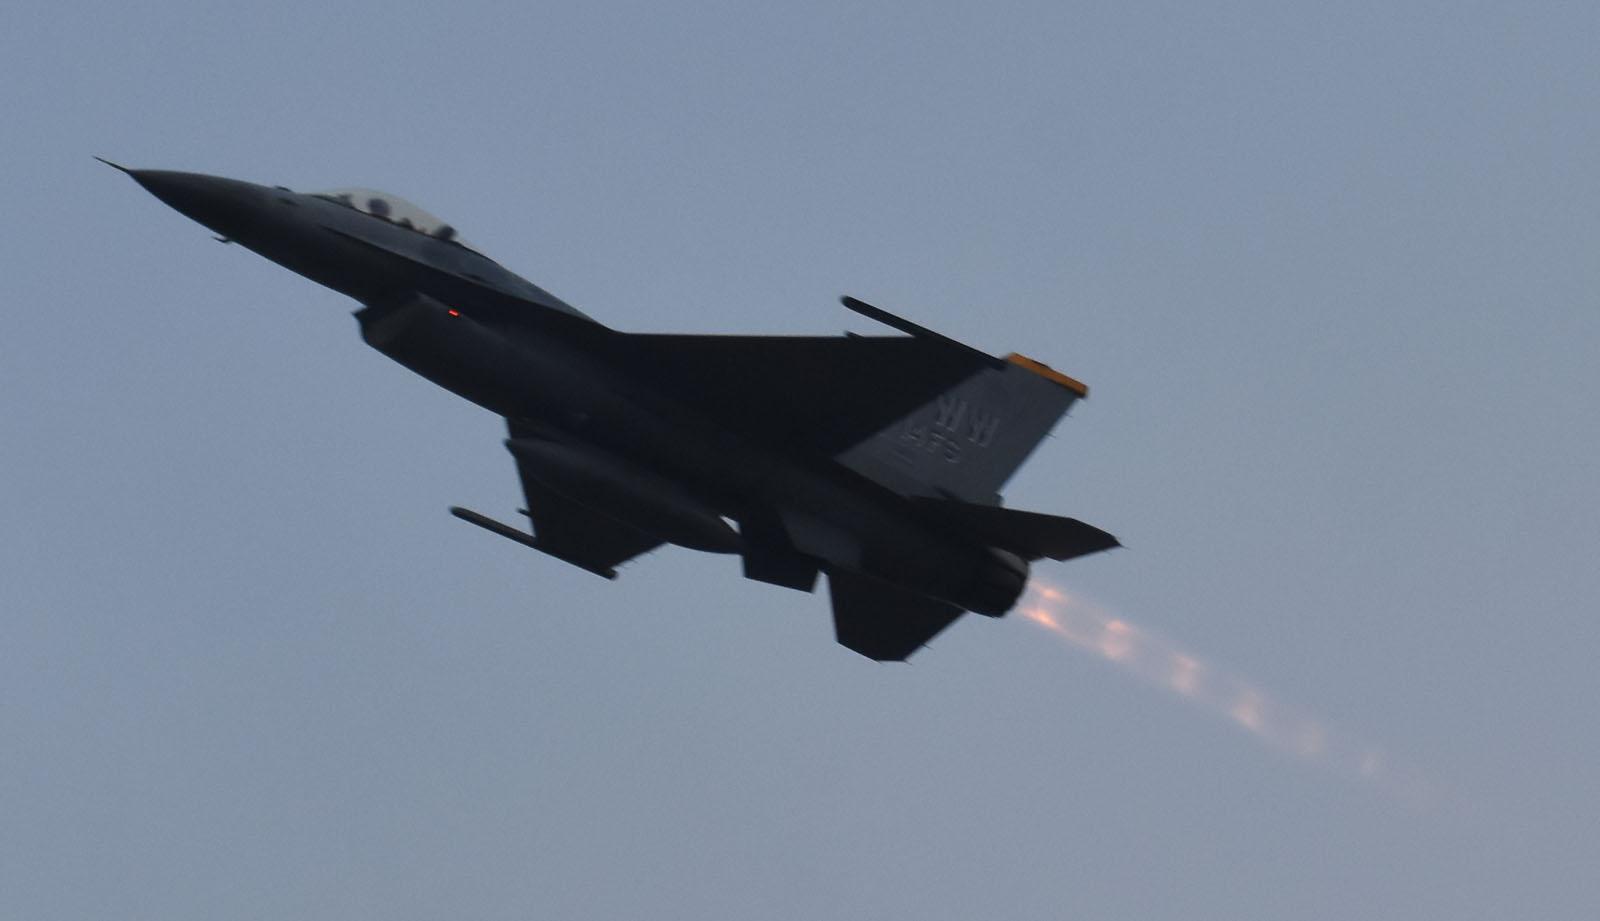 F16cm171128g984